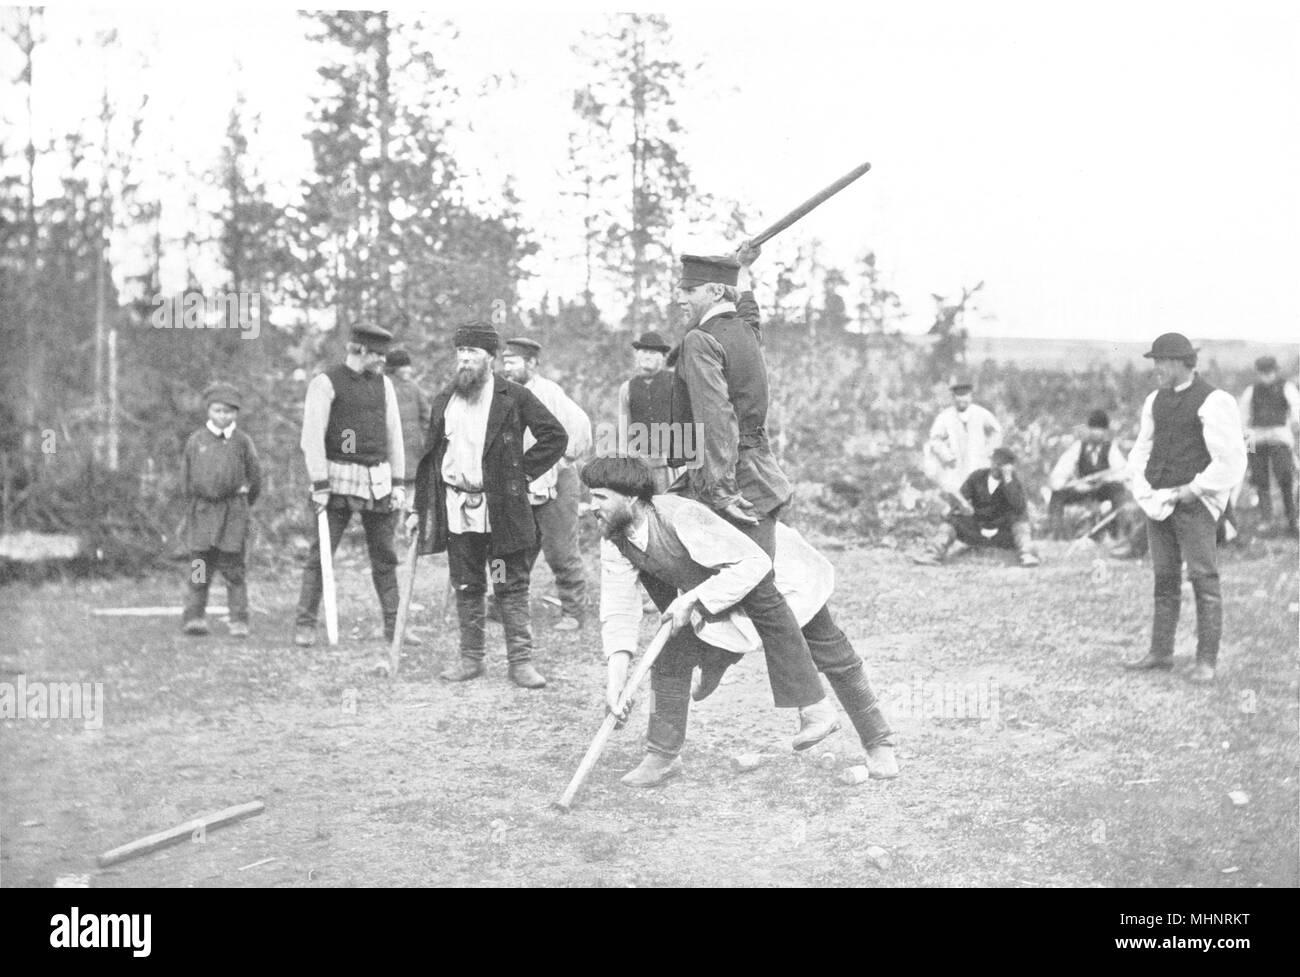 Finlandia. El juego Kyykka; similar a 1900 ninepins antigua imagen de impresión Imagen De Stock